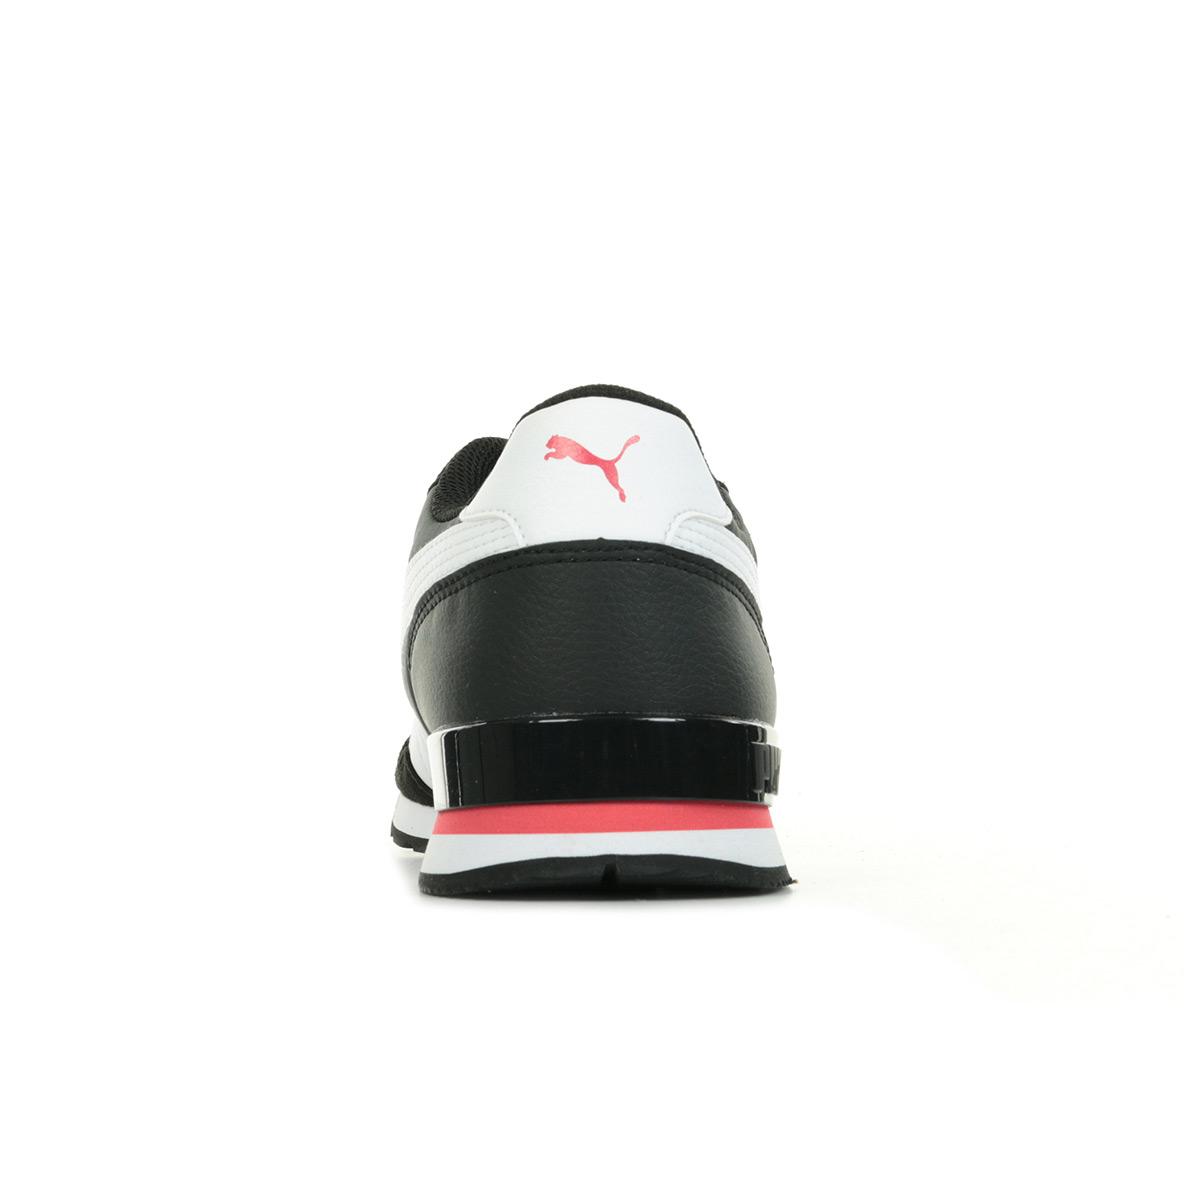 Puma ST Runner v2 NL 36527805, Baskets mode homme